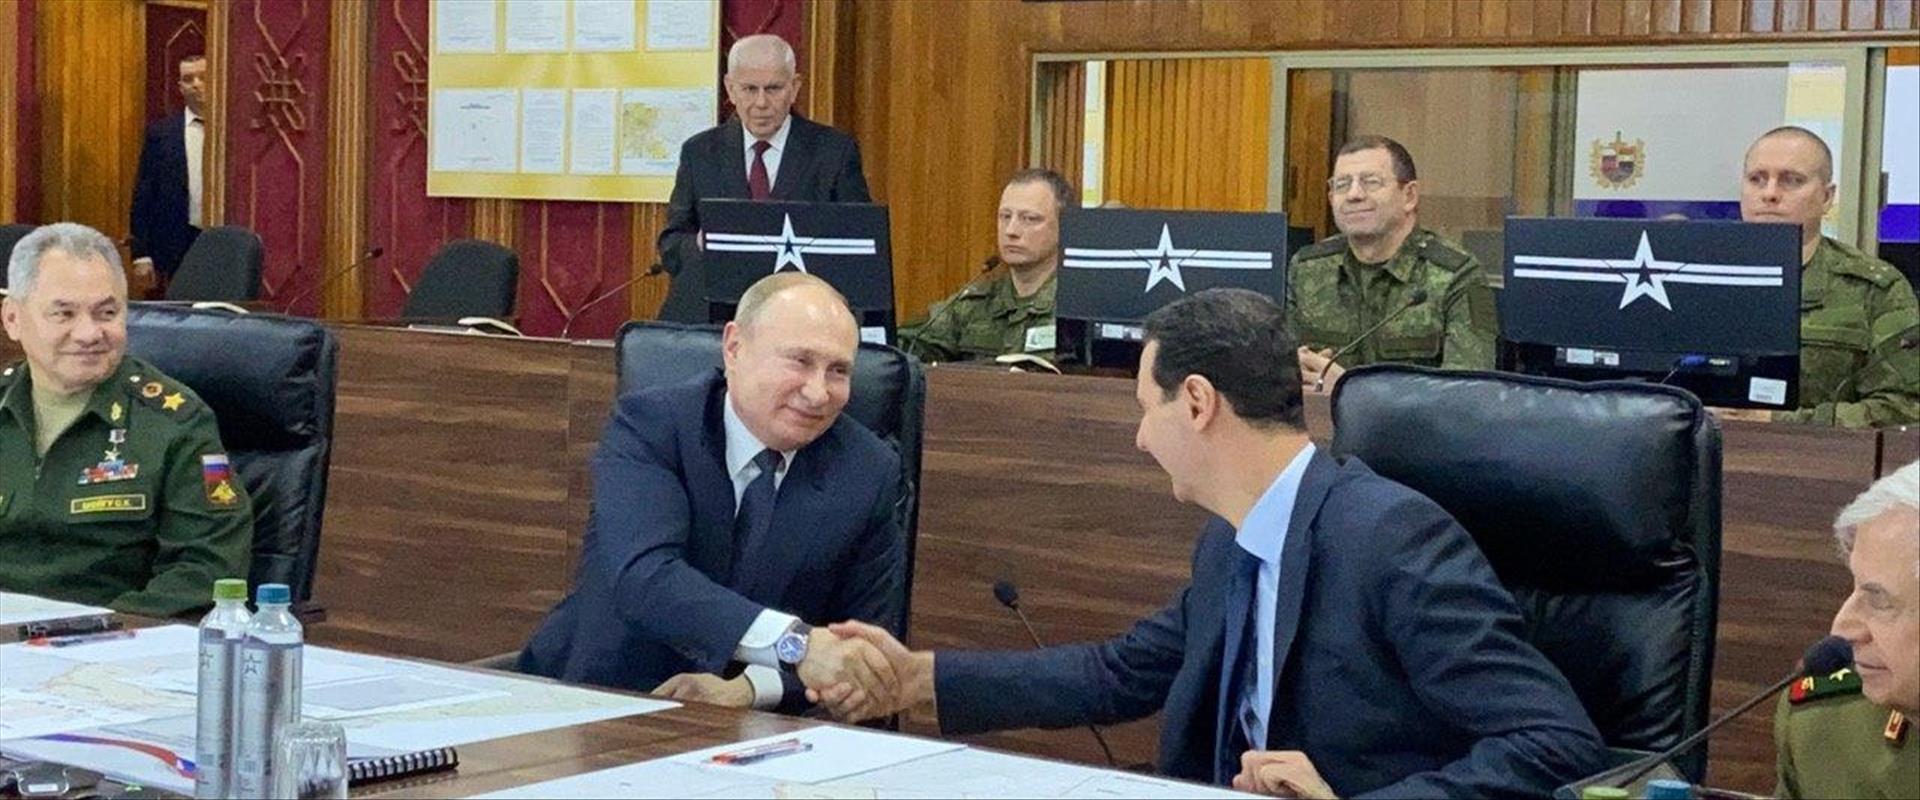 פוטין ואסד בפגישה בסוריה